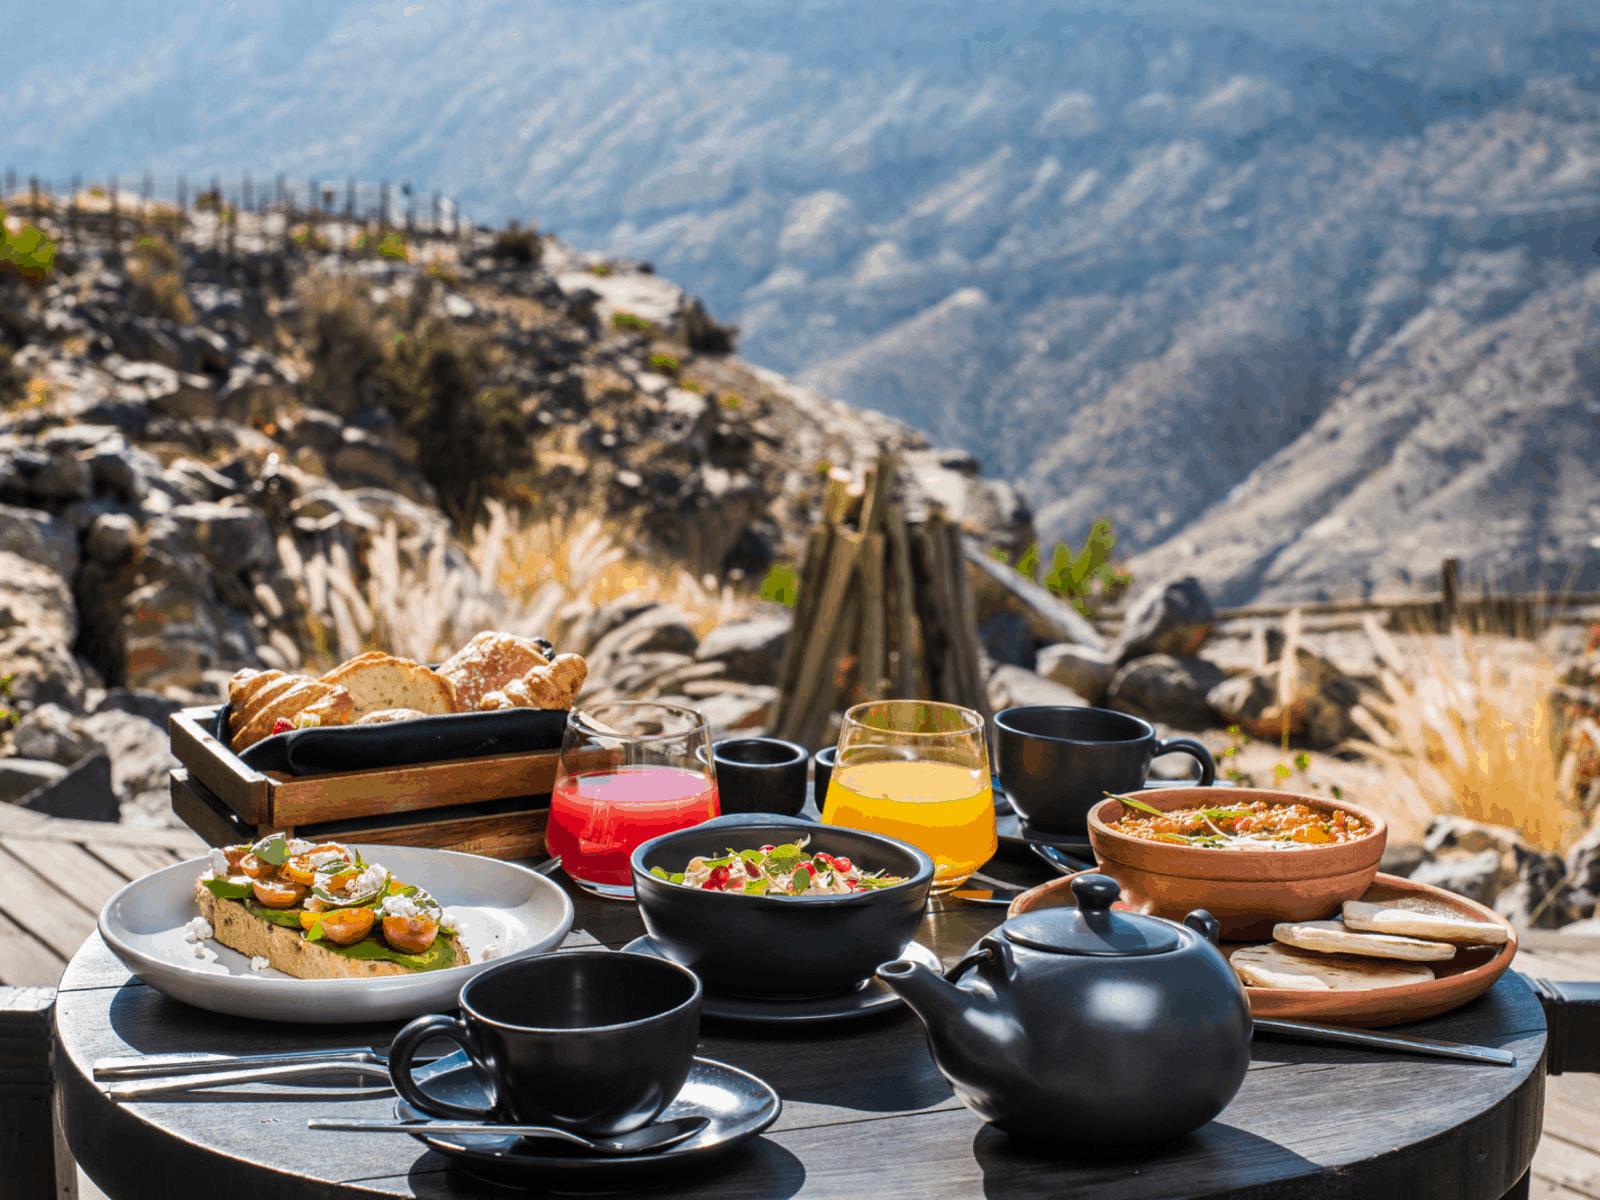 Oman-Alila Jabal Akhdar-3